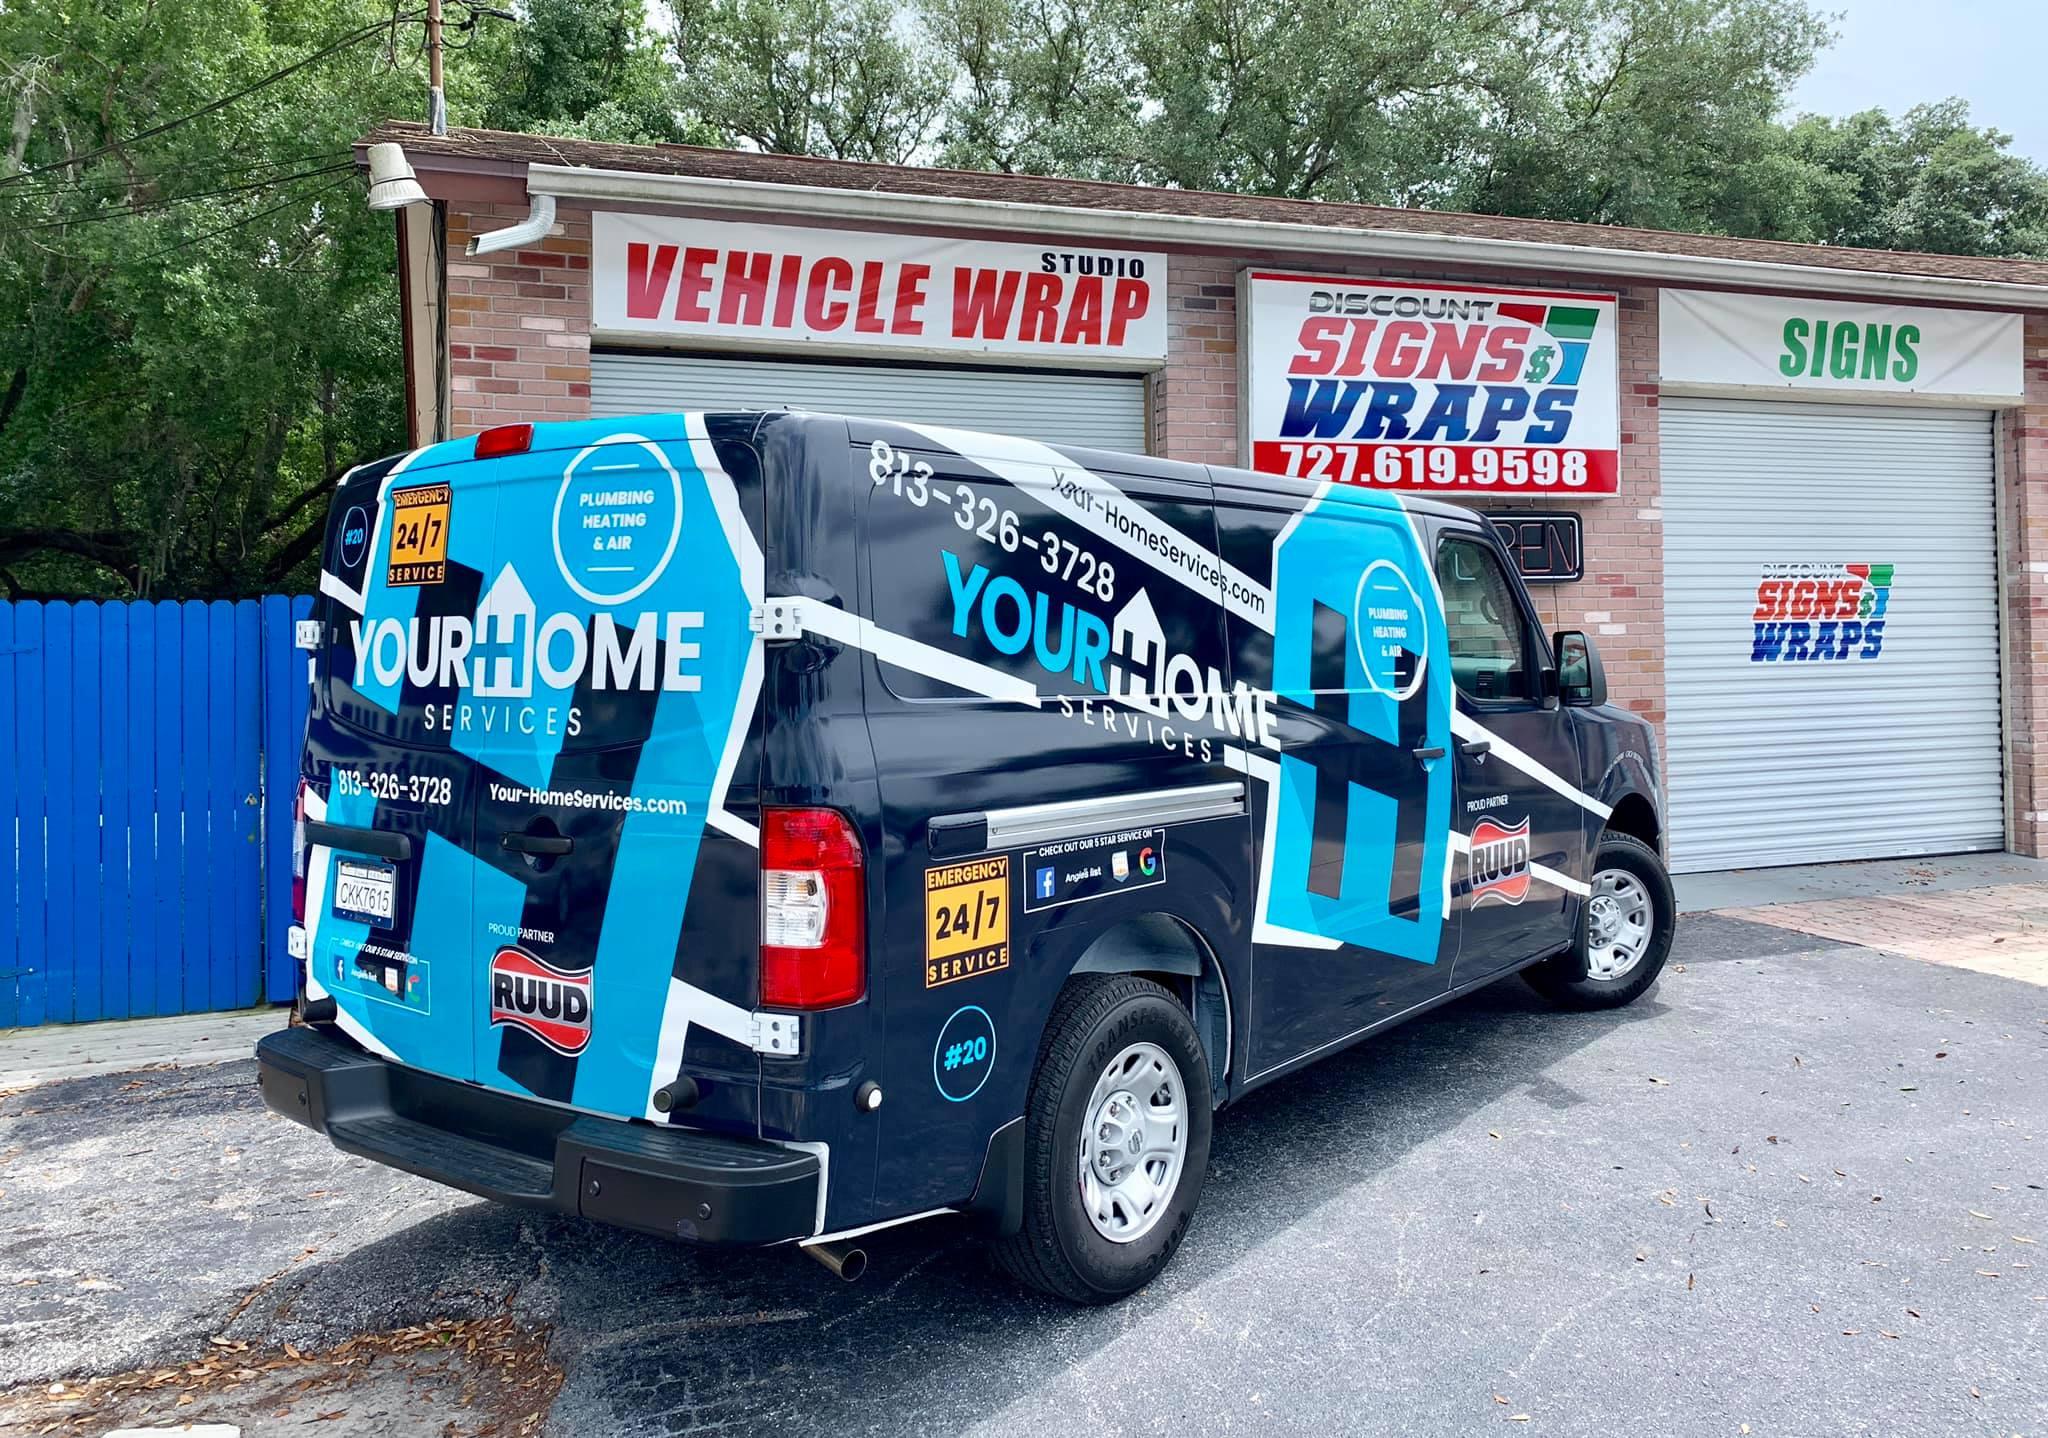 Cool van wraps